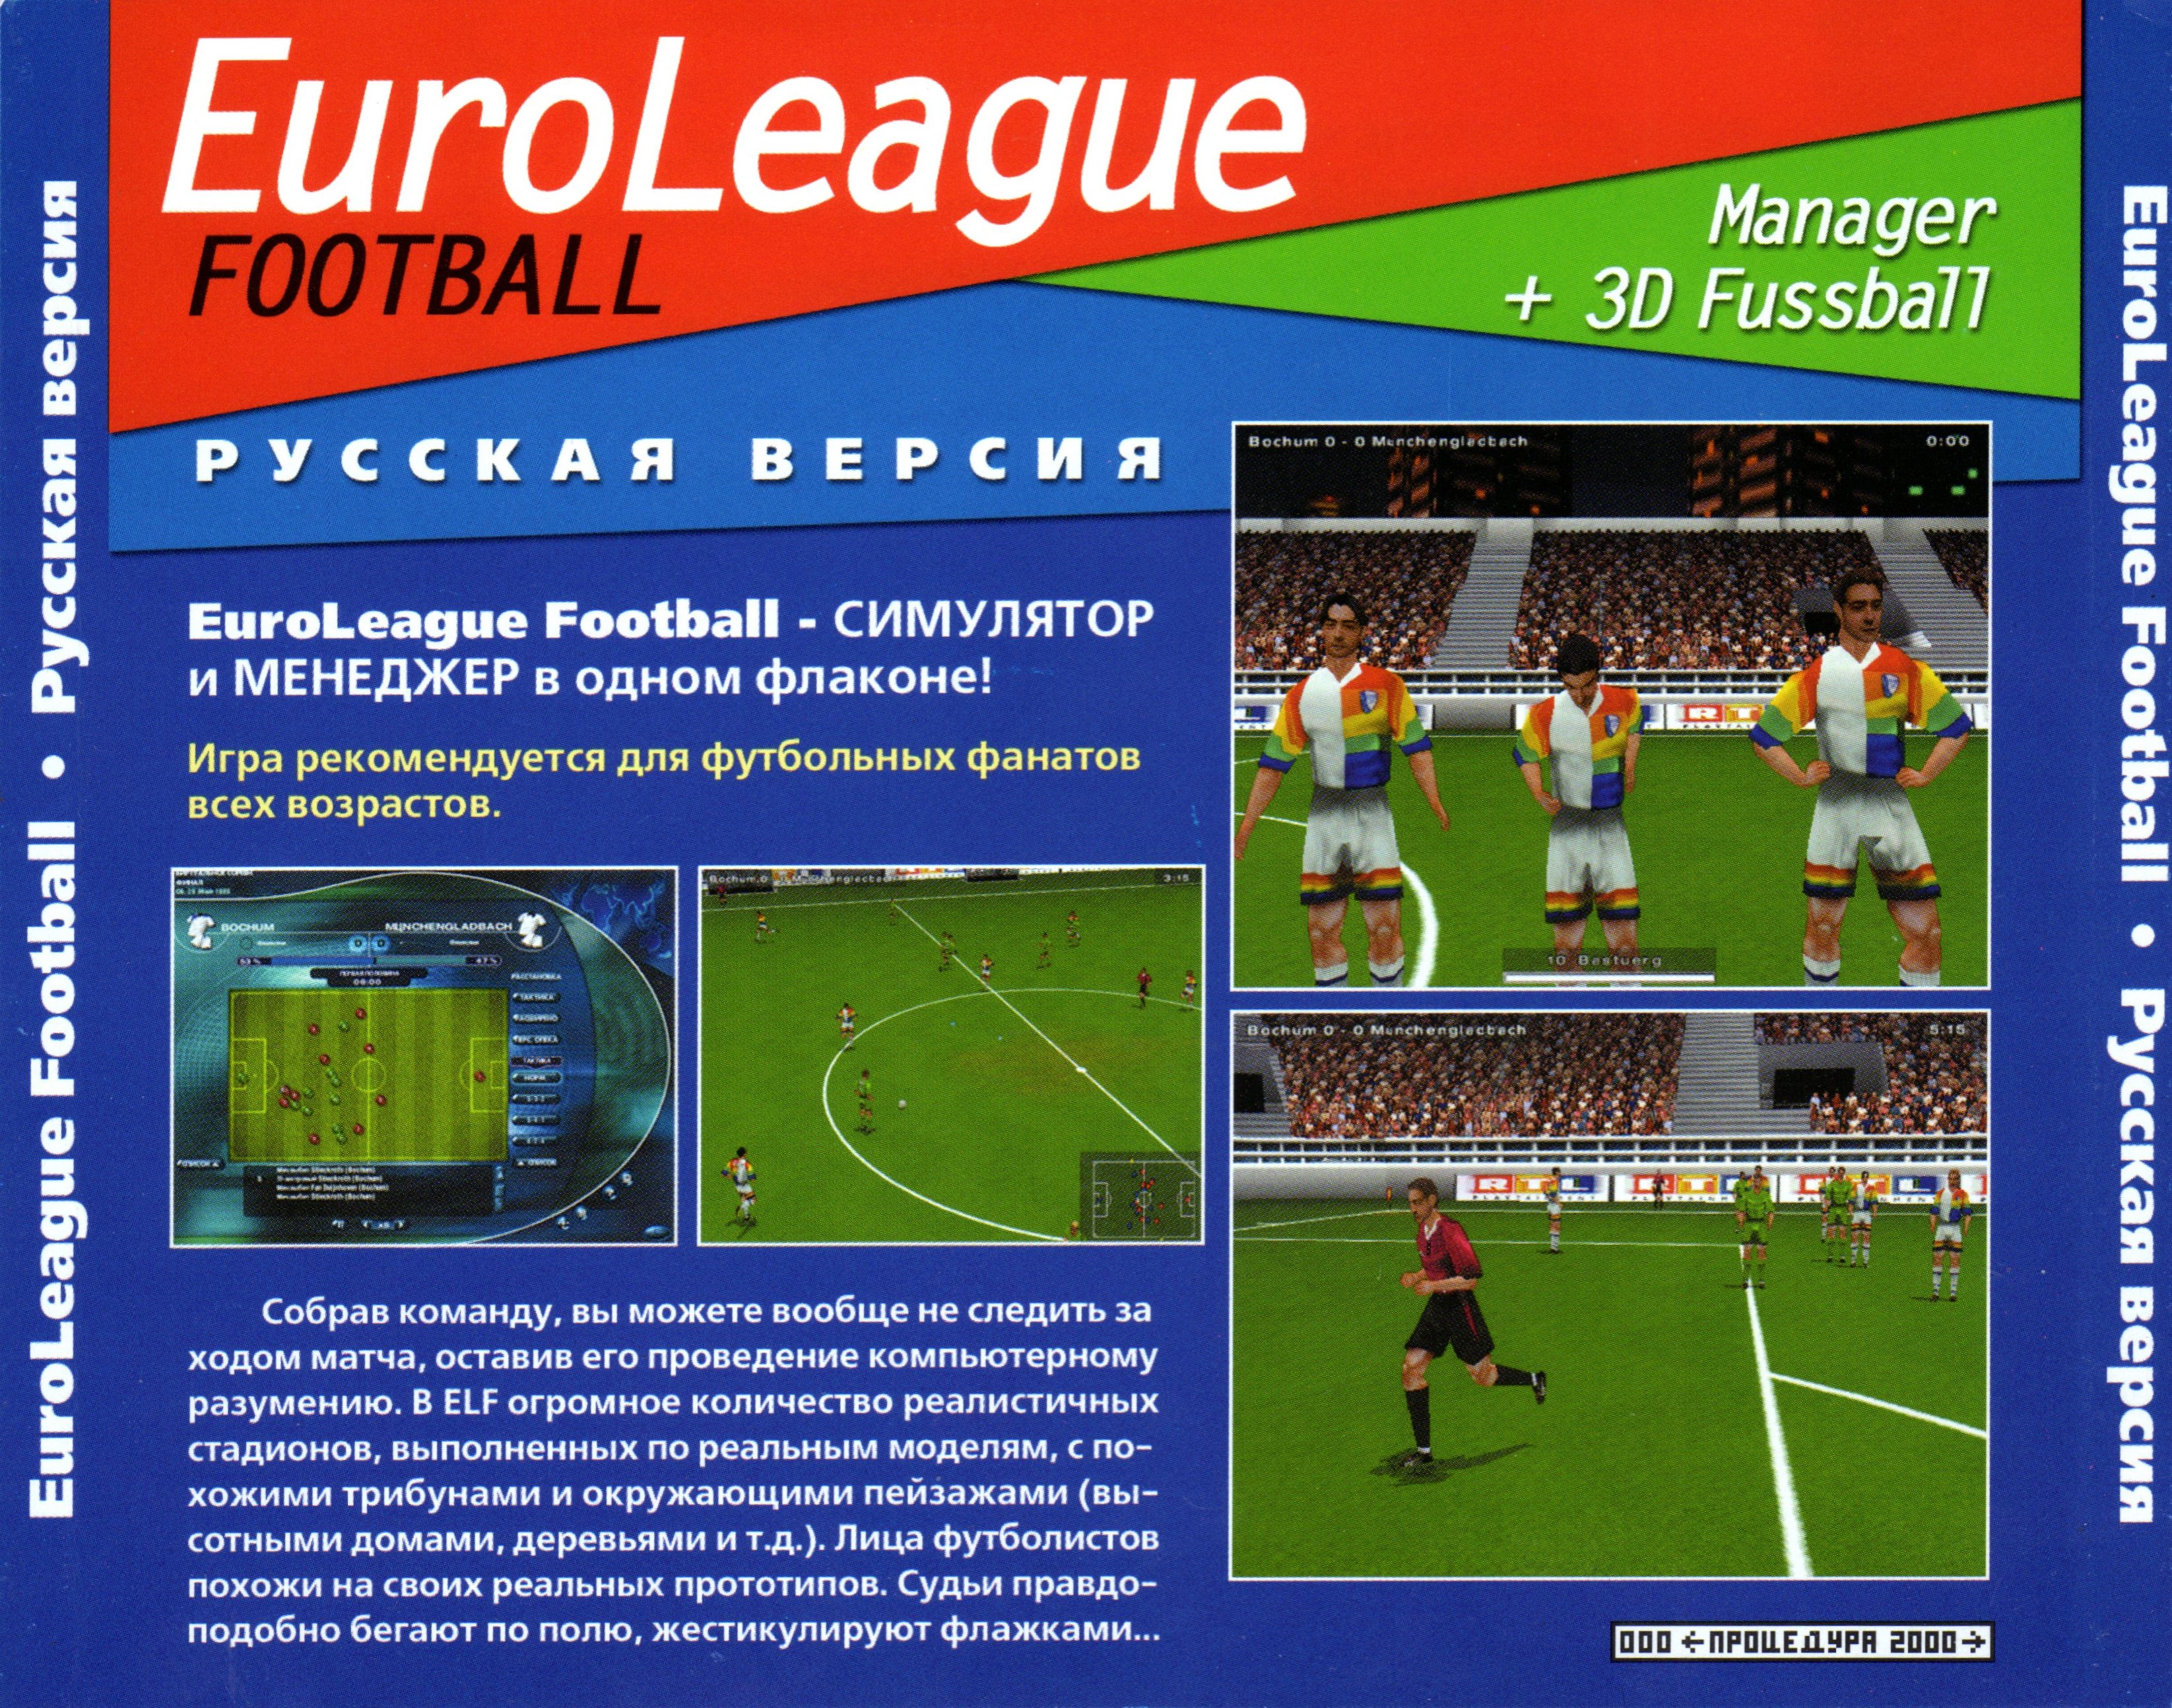 fussball euroleague